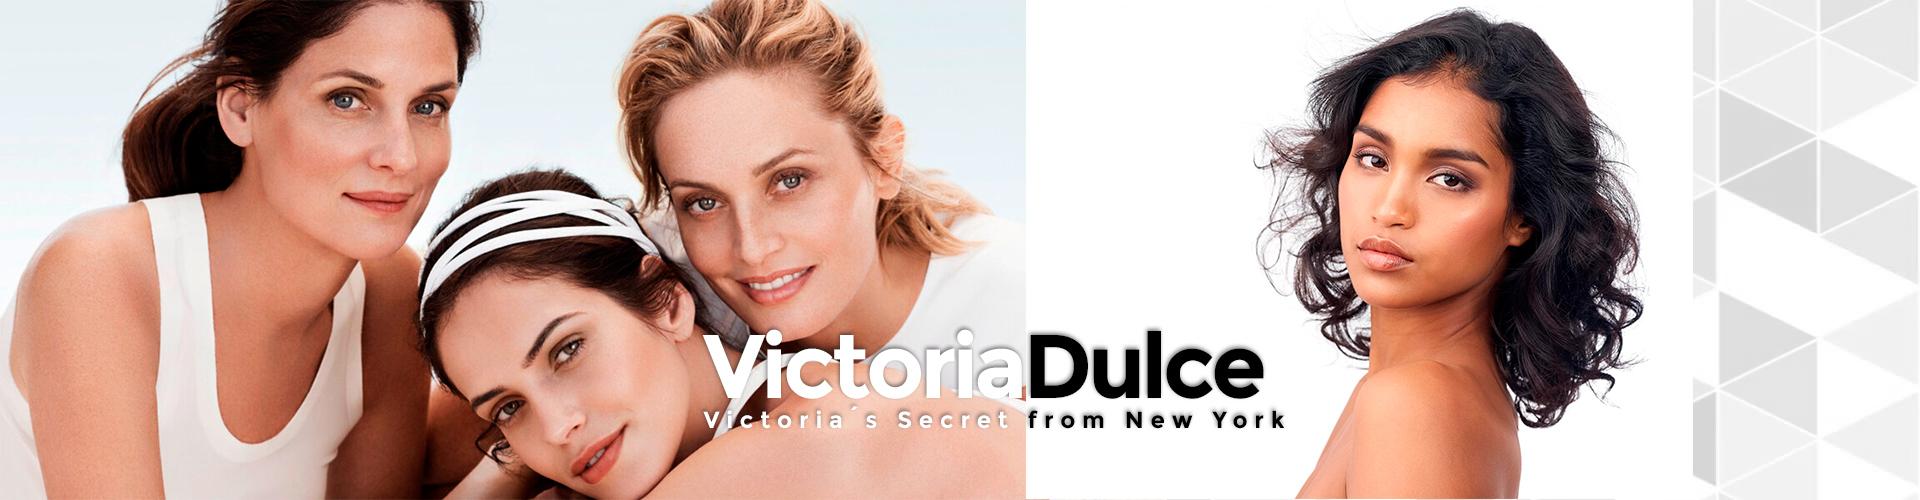 Brand - Victoria Dulce 2